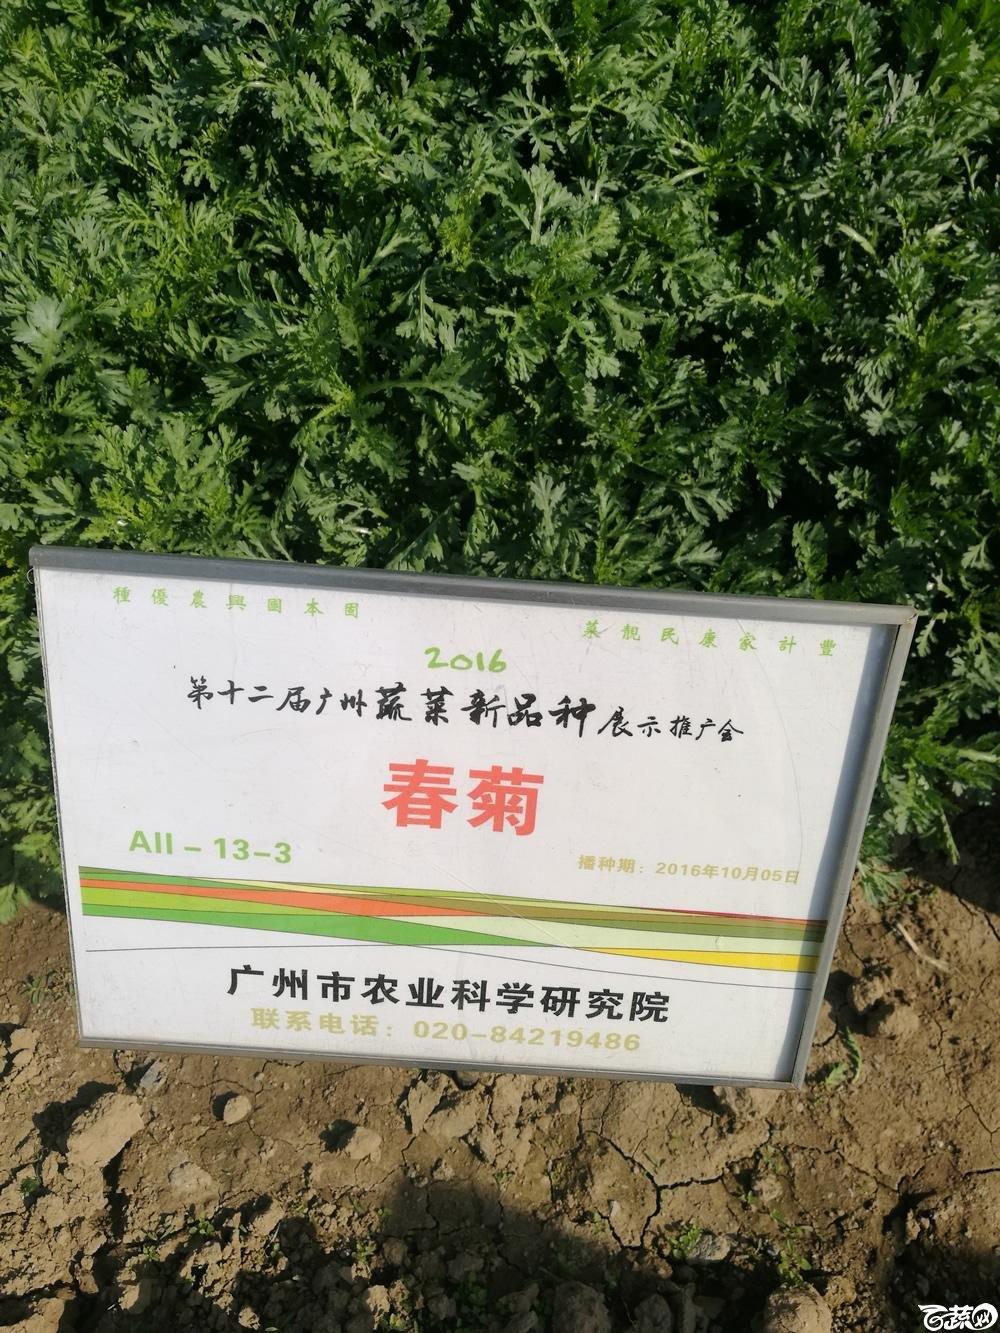 2016年12届广州蔬菜新品种展示会,广州市农科院春菊茼蒿菜_001.jpg